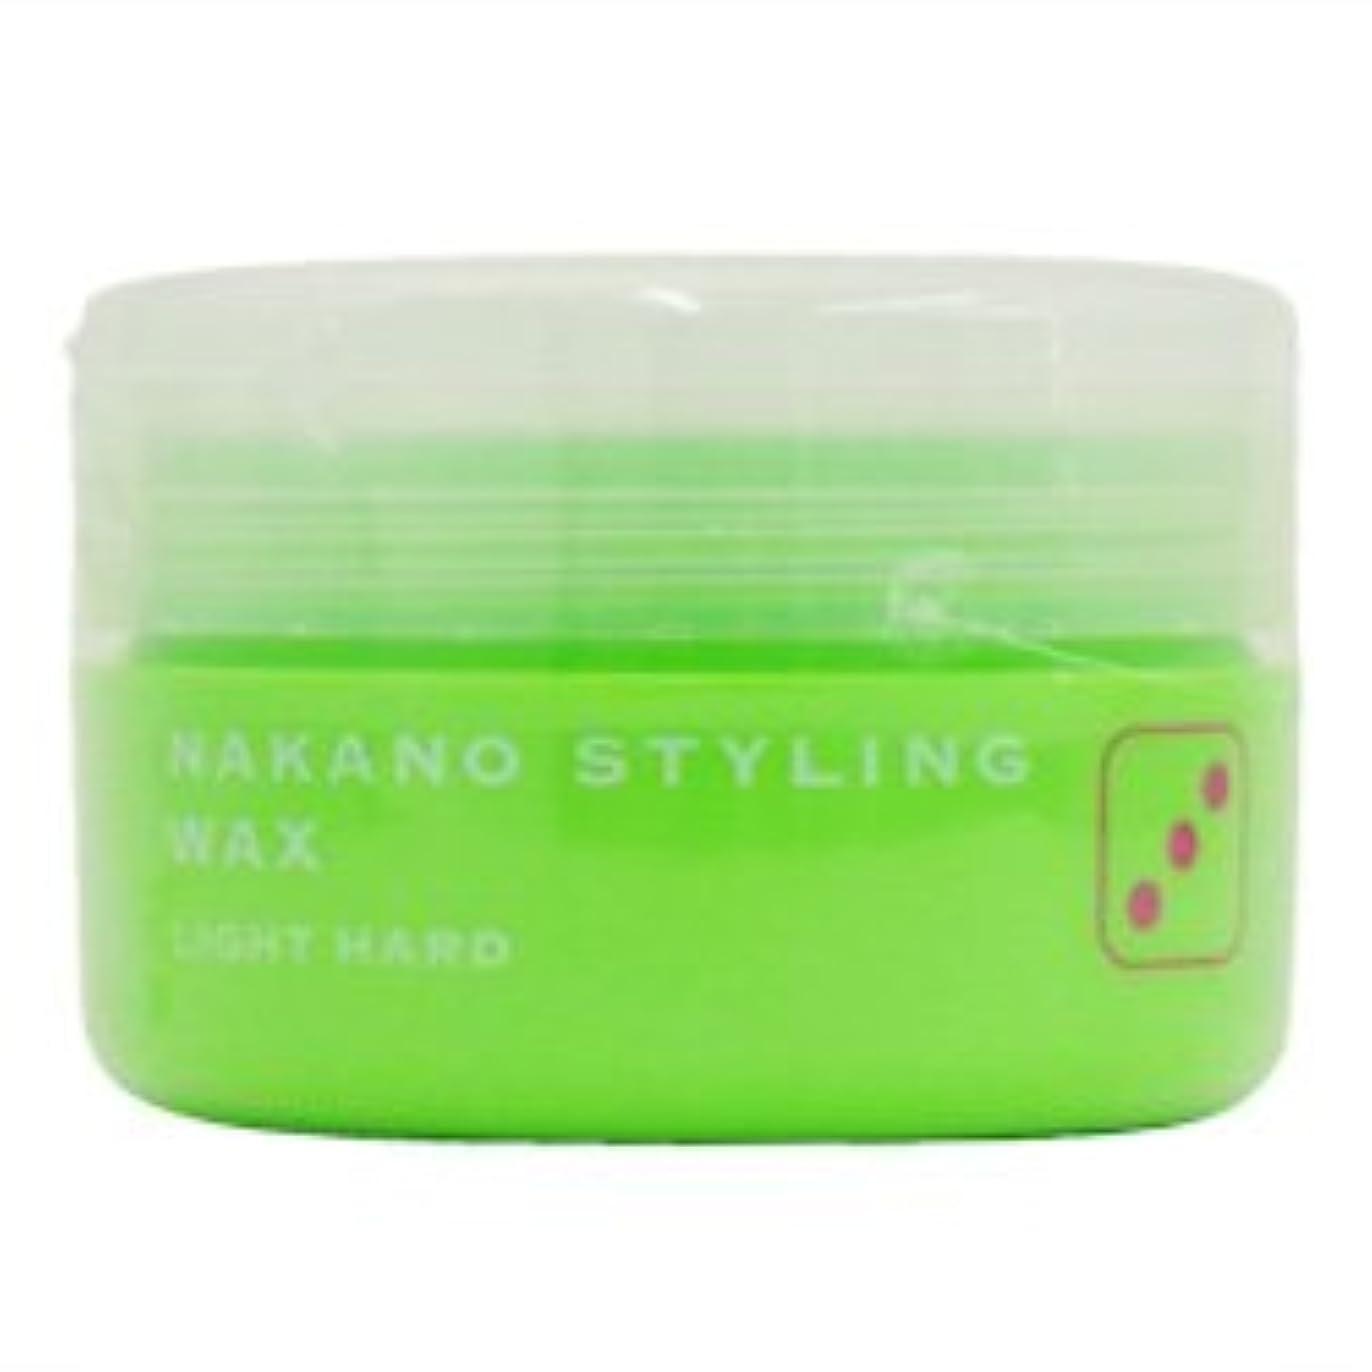 毎日理解する辛なナカノ スタイリングワックス 3 ライトハード 90g 中野製薬 NAKANO